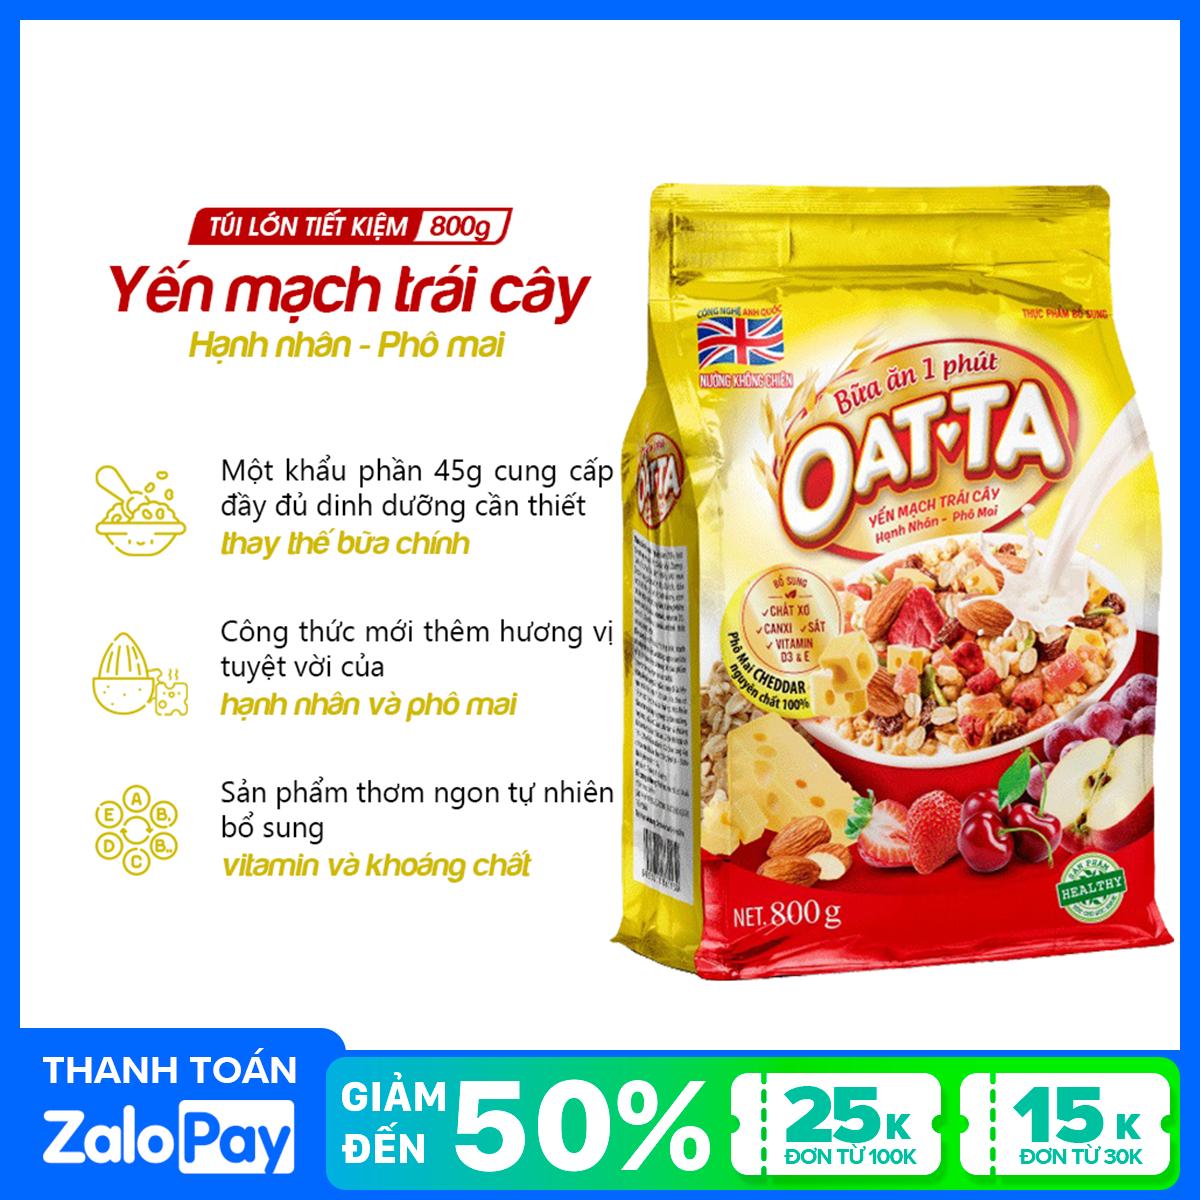 Yến mạch trái cây Hạnh nhân – Phô mai Oatta túi 800g (tặng bát sứ giữ nhiệt cao cấp Oatta)